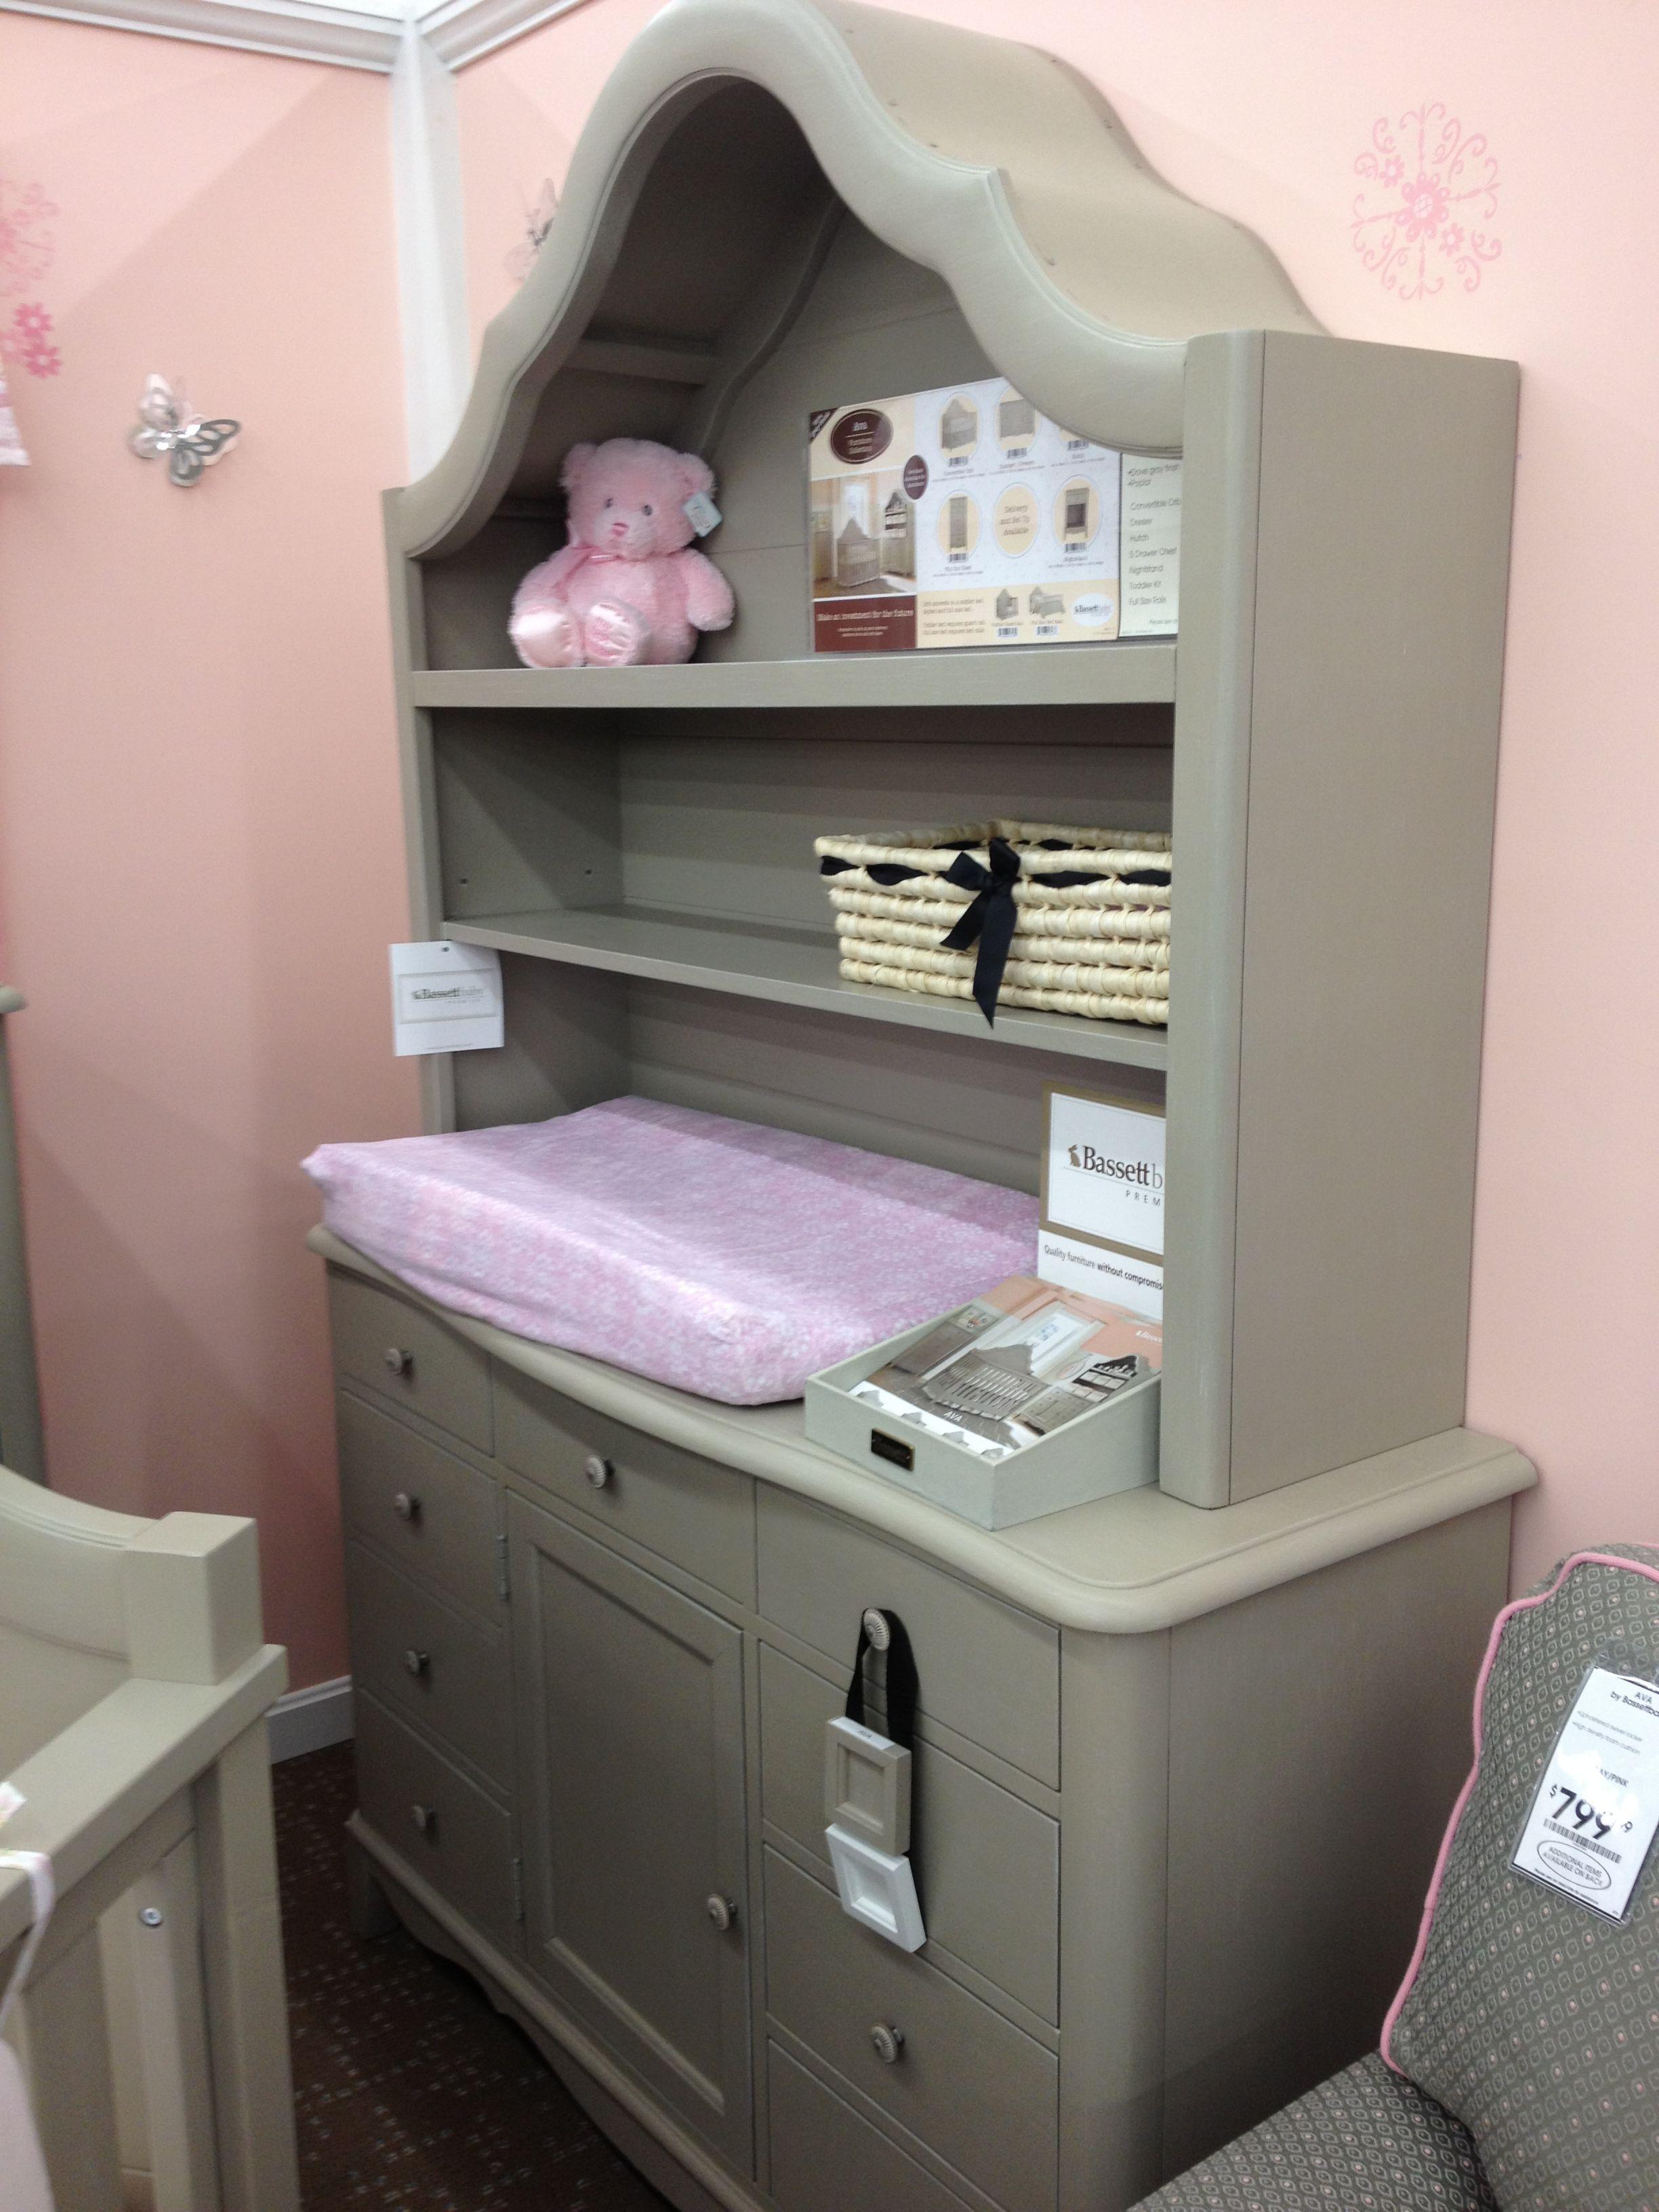 Baby cribs buy buy baby - Gray Bookshelf Dresser Changing Table Combo Buy Buy Baby